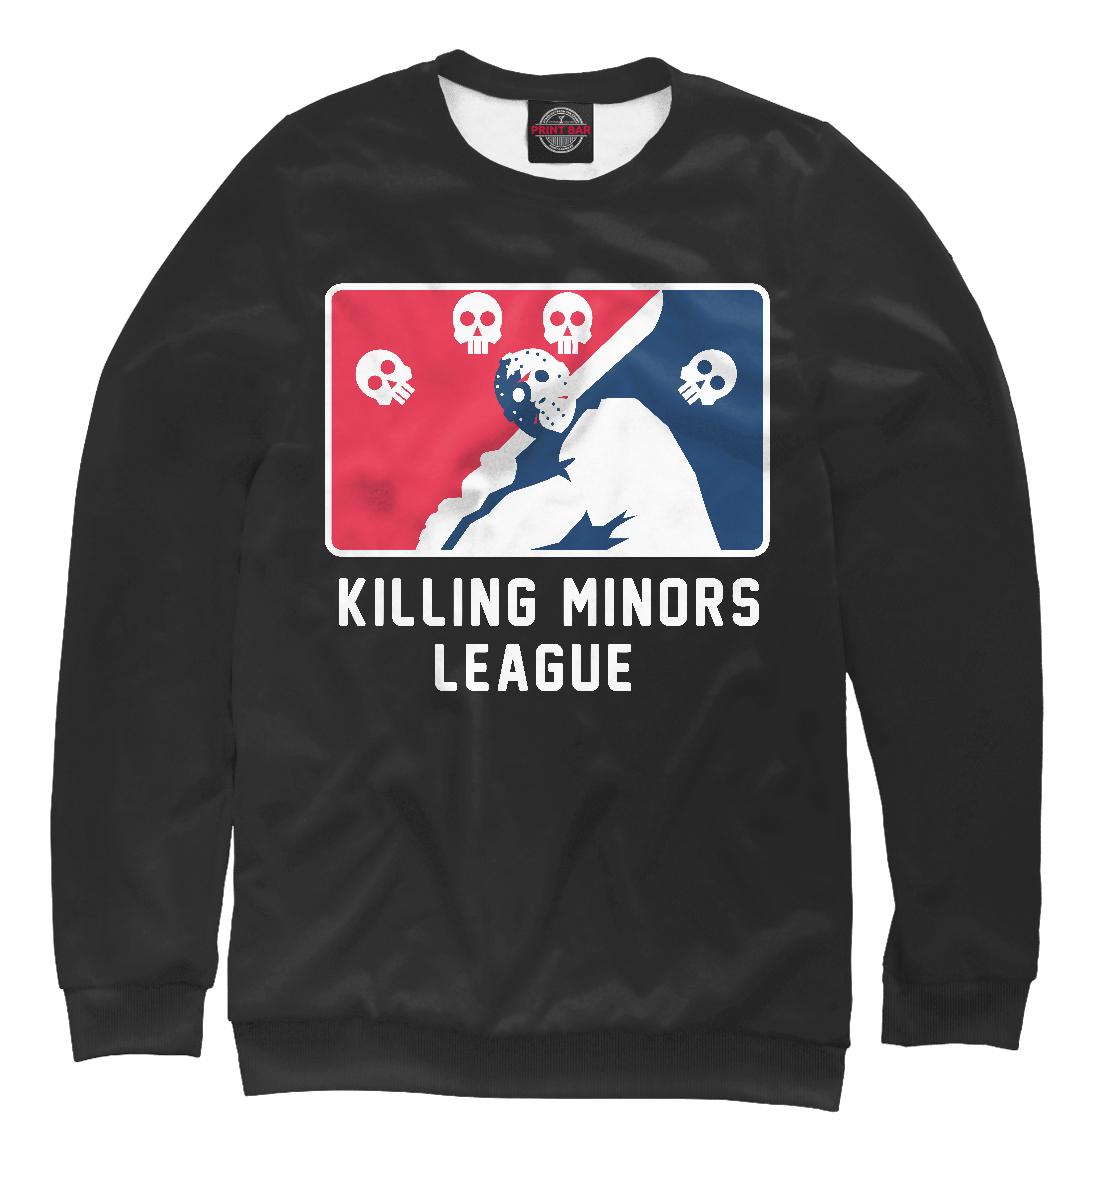 Купить Killing League, Printbar, Свитшоты, HOR-742275-swi-1